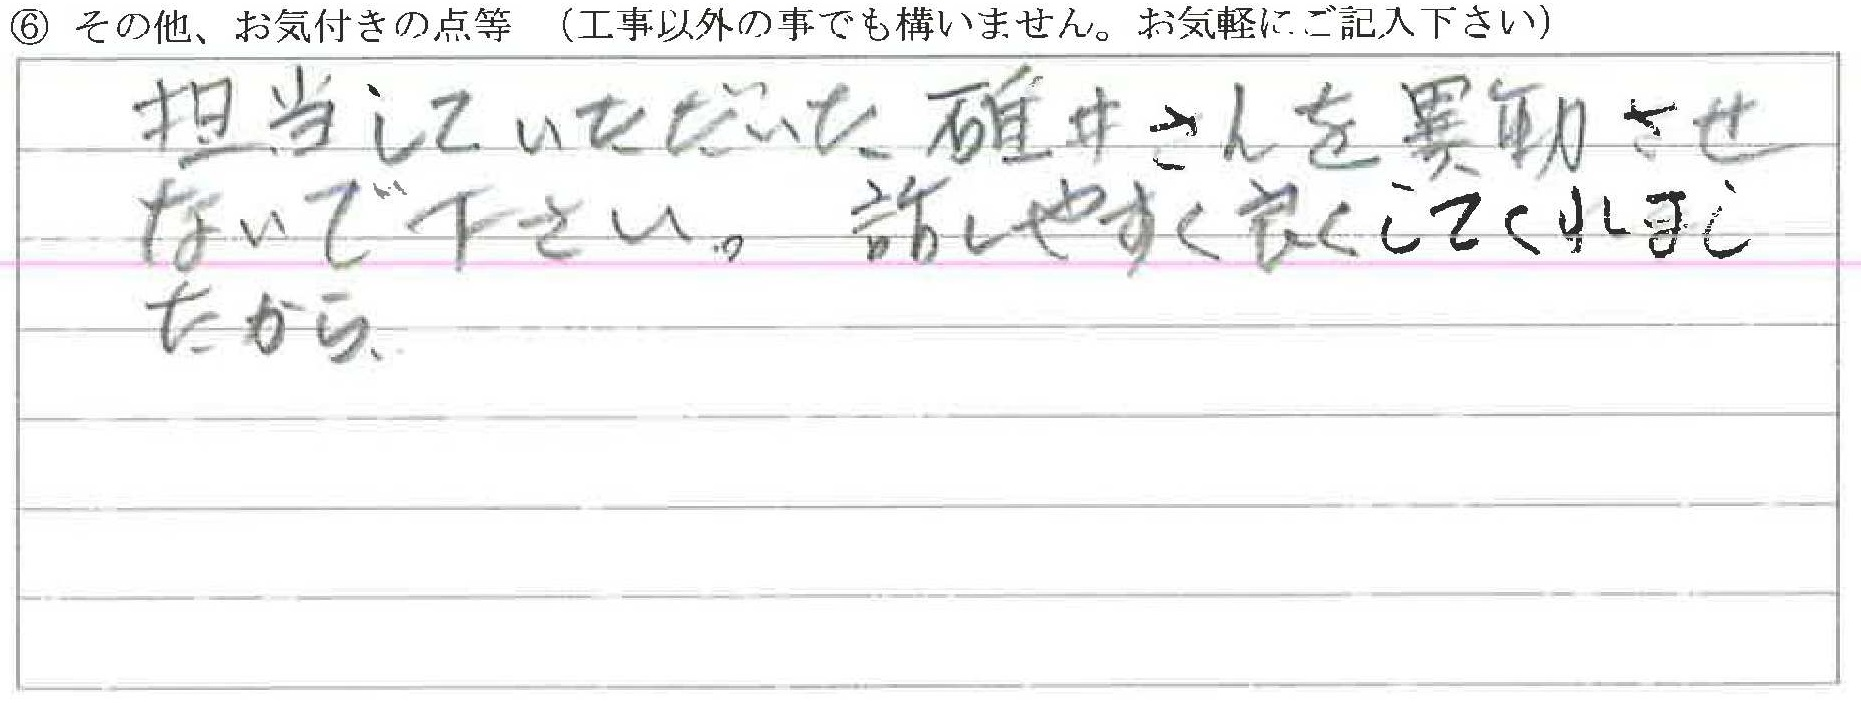 富山県黒部市H様に頂いた浴室乾燥暖房機取替工事についてのお気づきの点がありましたら、お聞かせ下さい。というご質問について「浴室乾燥暖房機取替【お喜びの声】」というお声についての画像